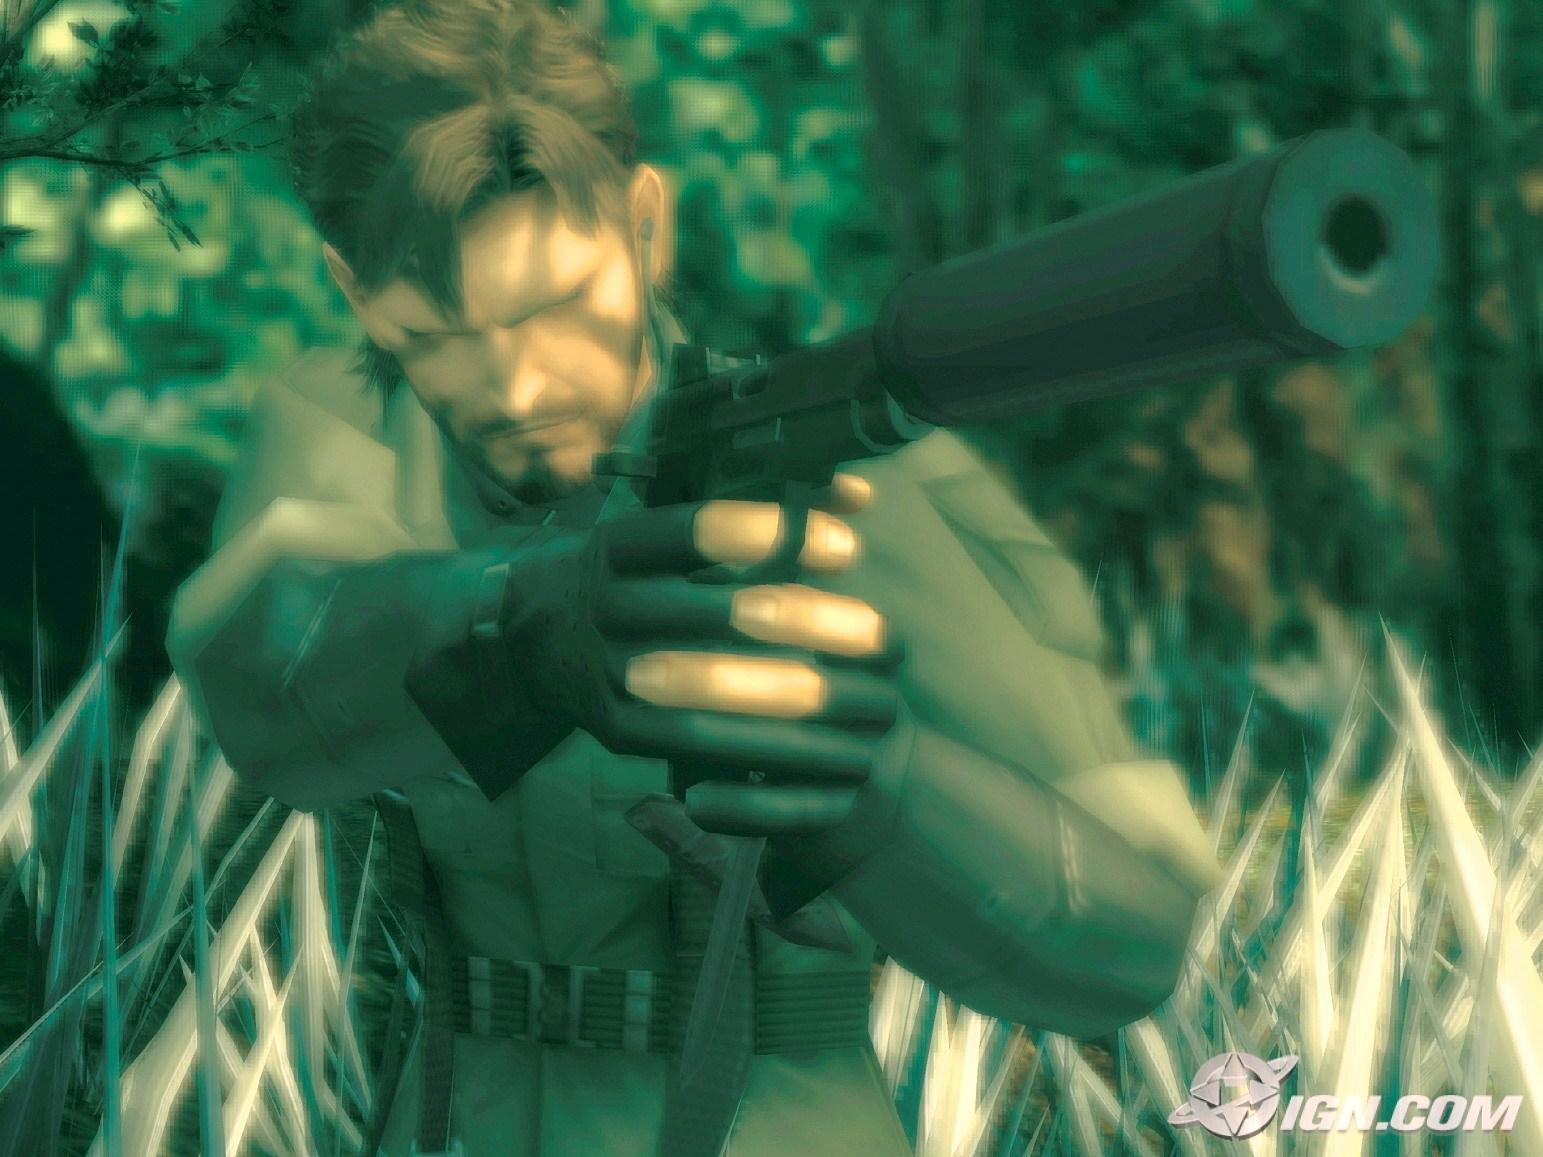 Darth Blog: Metal Gear Solid 3 Phone Wallpaper